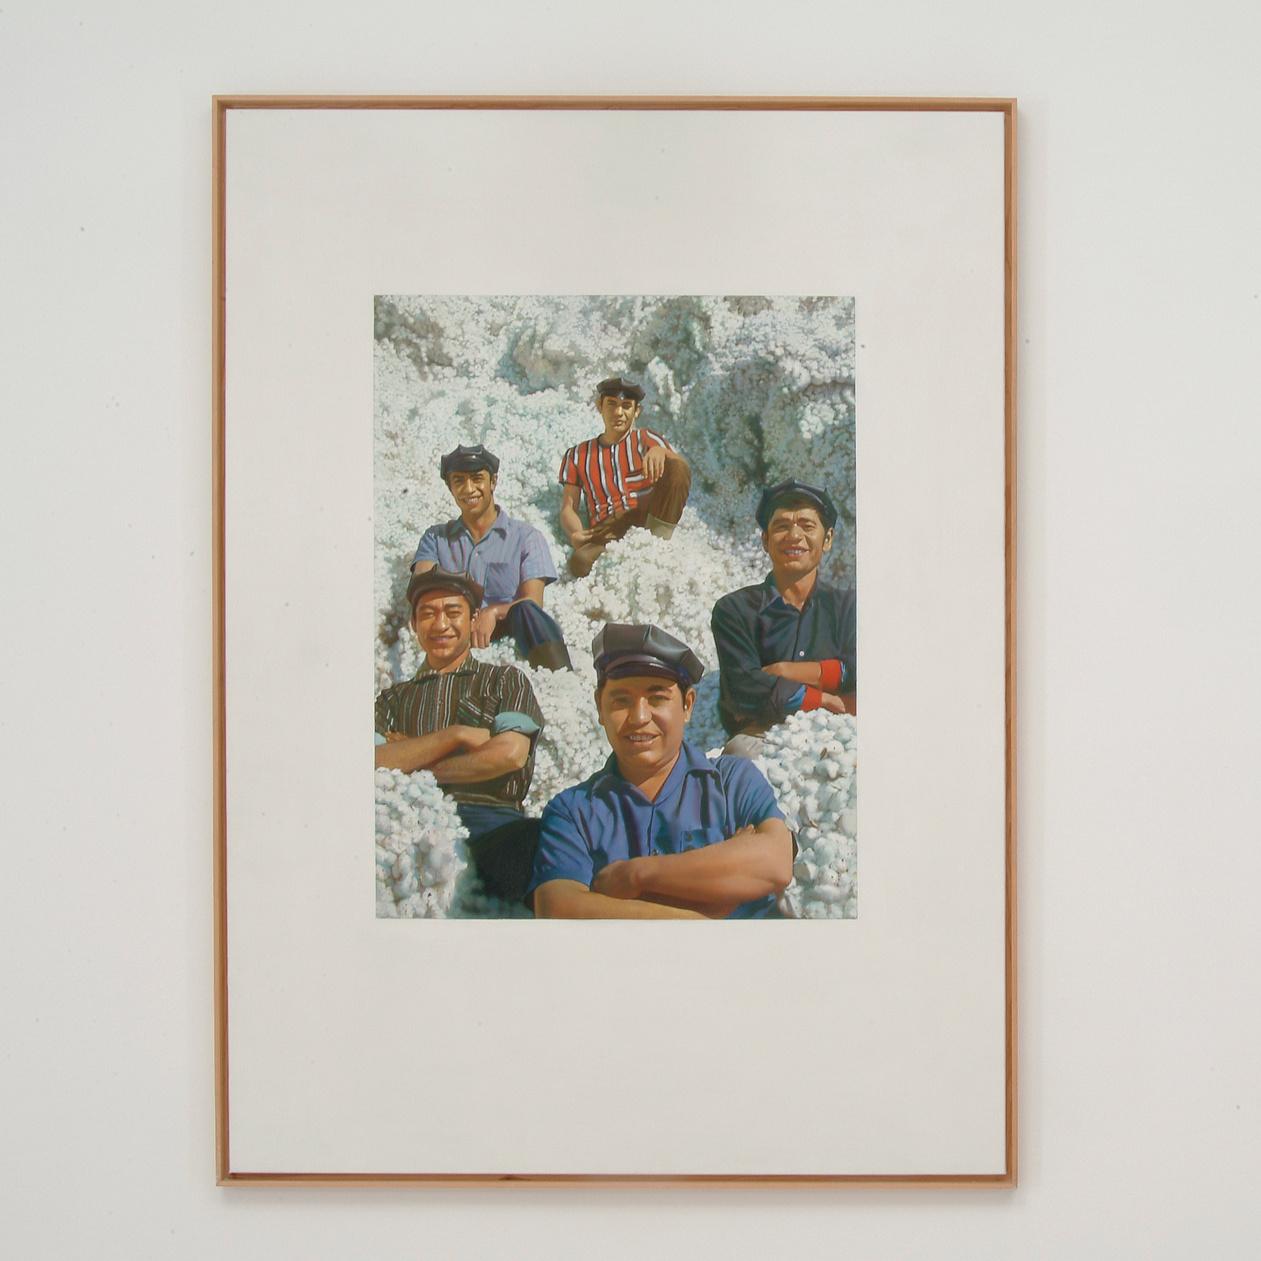 Mi lapul a gyapotszedők mosolya mögött? – Lakner László festményének titka a Ludwig Múzeum kiállításán